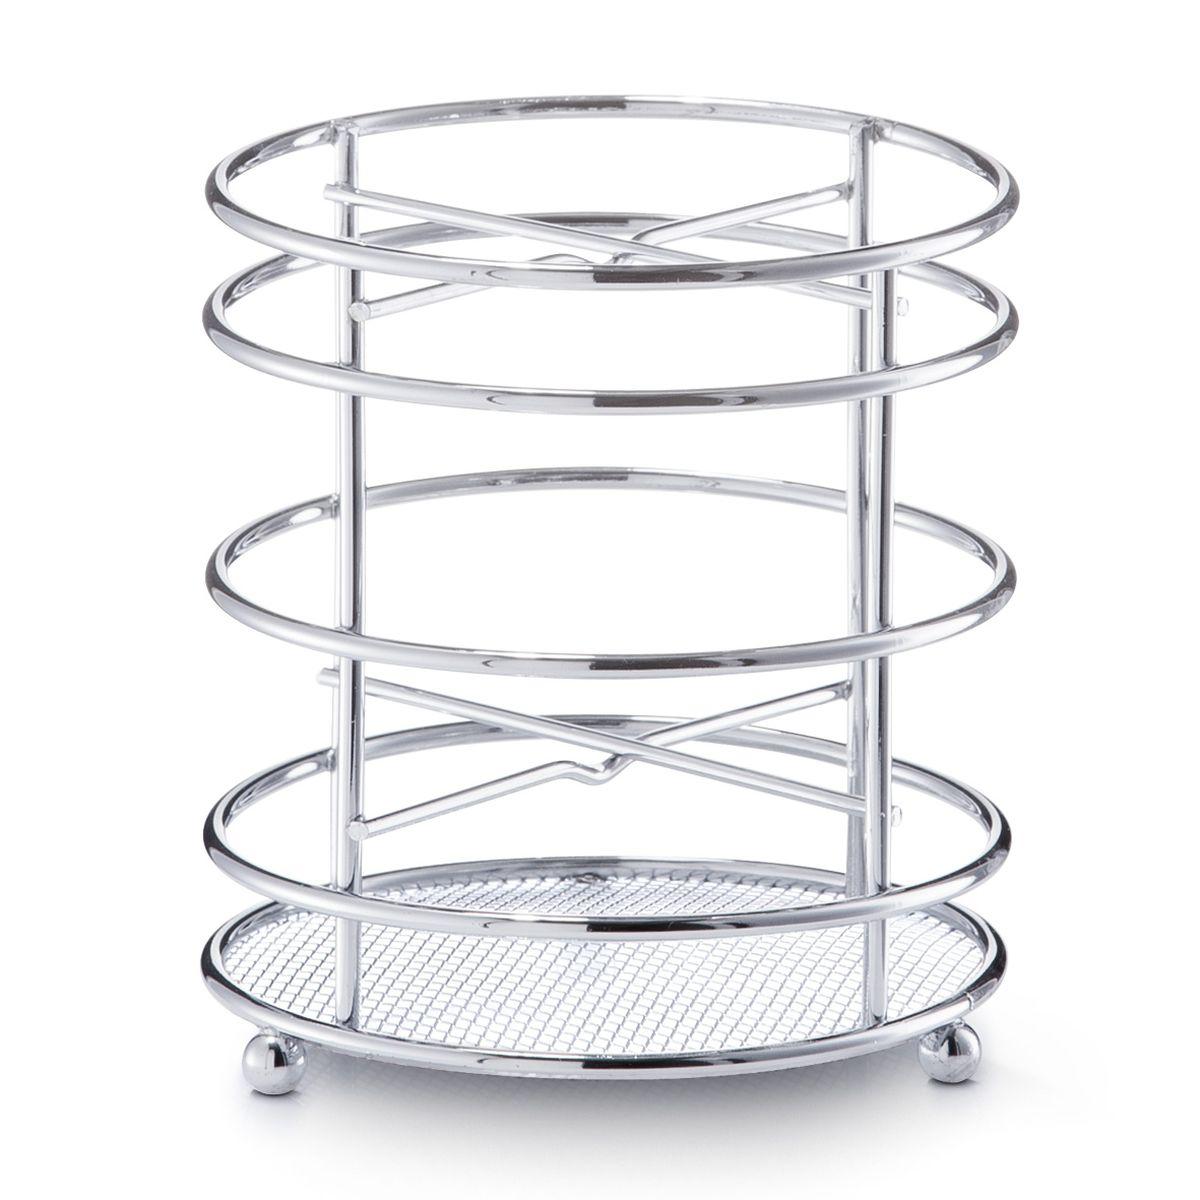 Подставка для кухонных принадлежностей Zeller, высота 13 см24868Подставка Zeller предназначена для удобного хранения и перемещения кухонных принадлежностей. Подставка выполнена из высококачественного металла. Каждая хозяйка знает, что подставка для кухонных принадлежностей - это незаменимый и очень полезный аксессуар на кухне.Диаметр подставки (по верхнему краю): 12 см. Высота подставки: 13 см.